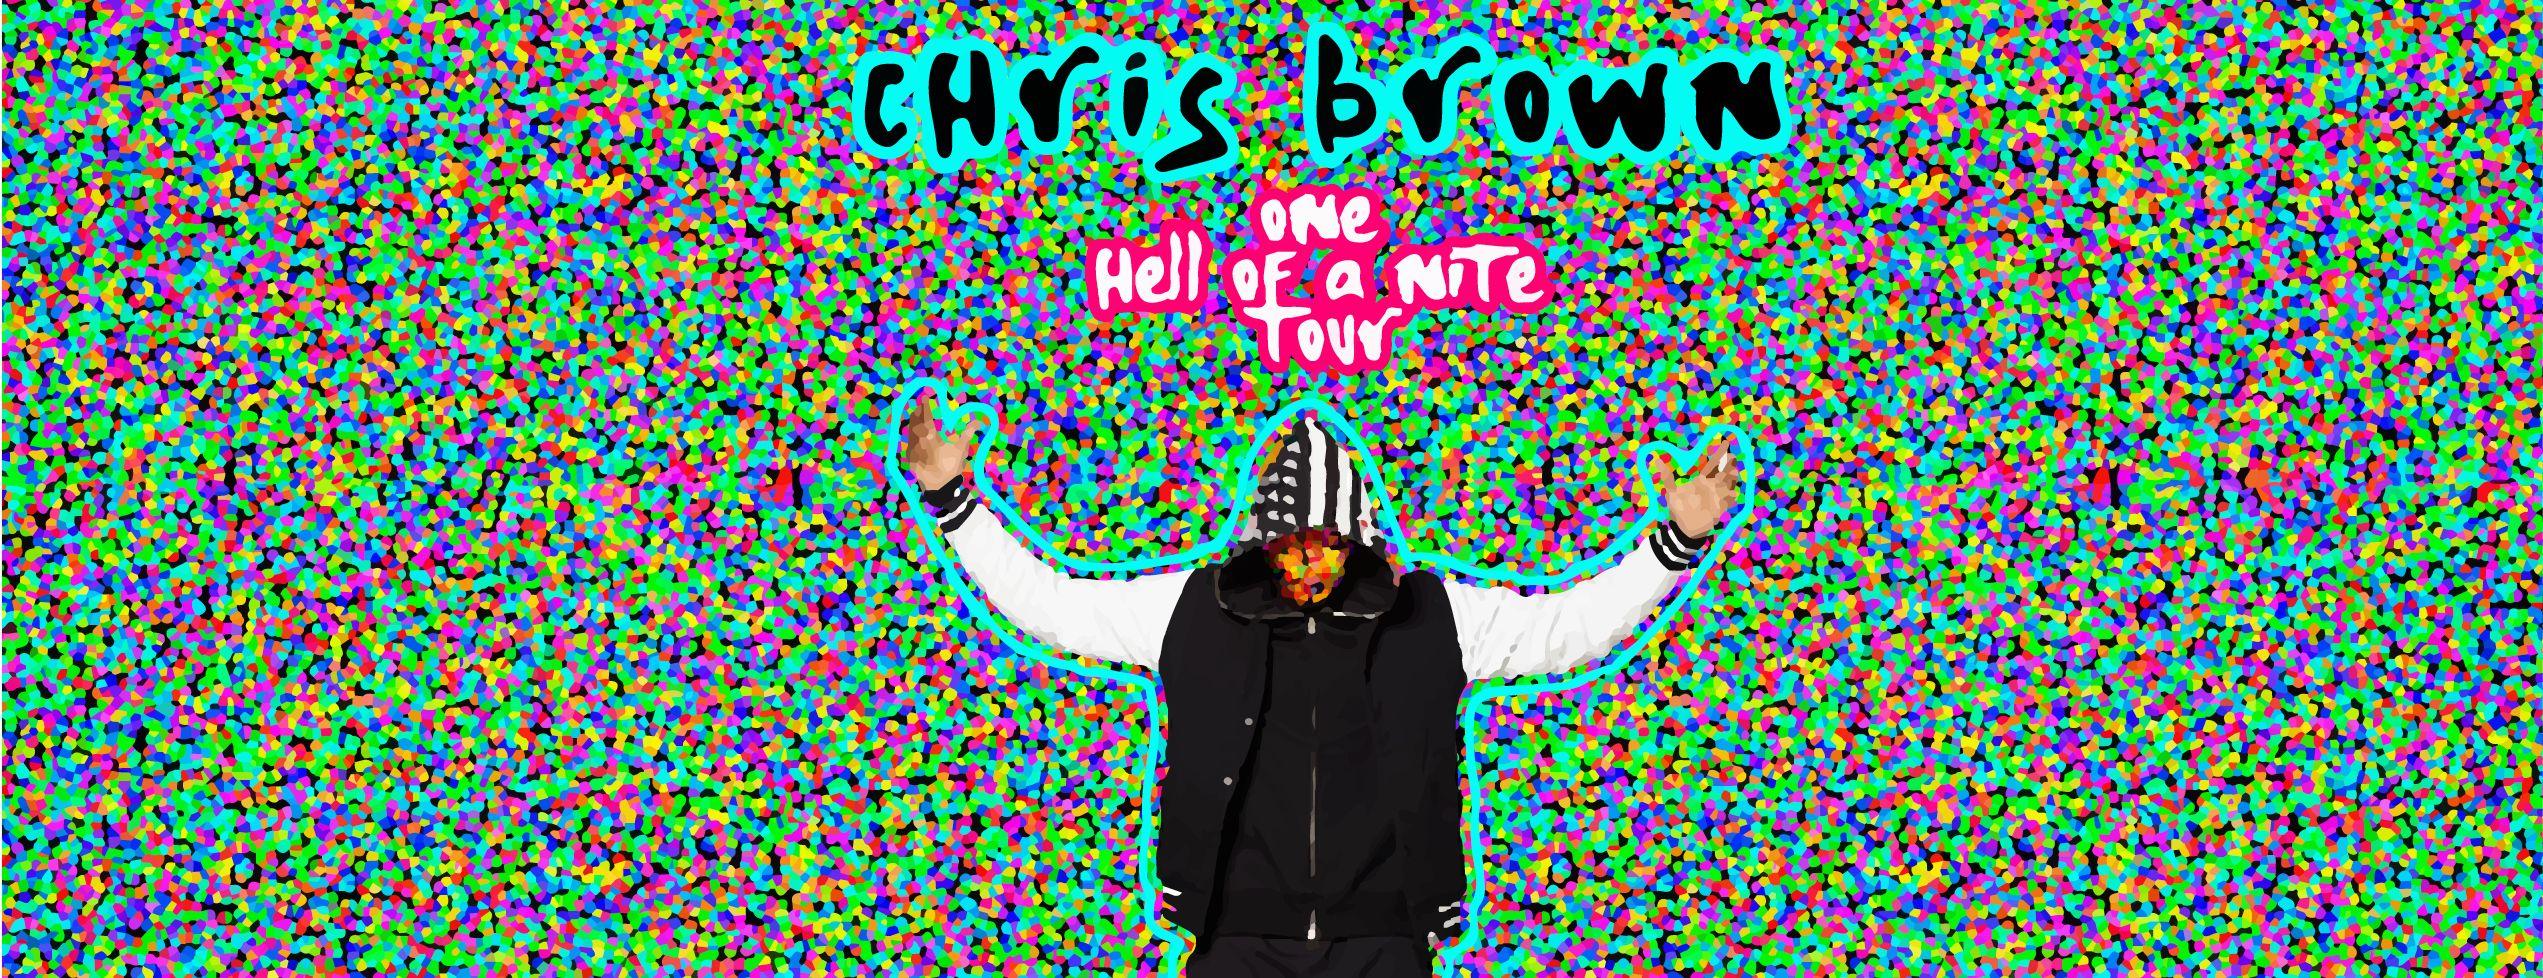 Chris Brown gastiert mit der ONE HELL OF A NITE TOUR am 26. Mai 2016 im Hallenstadion Zürich. Tickets bei Ticketcorner ab Montag, 21. März 2016, 10 Uhr: http://www.ticketcorner.ch/chris-brown